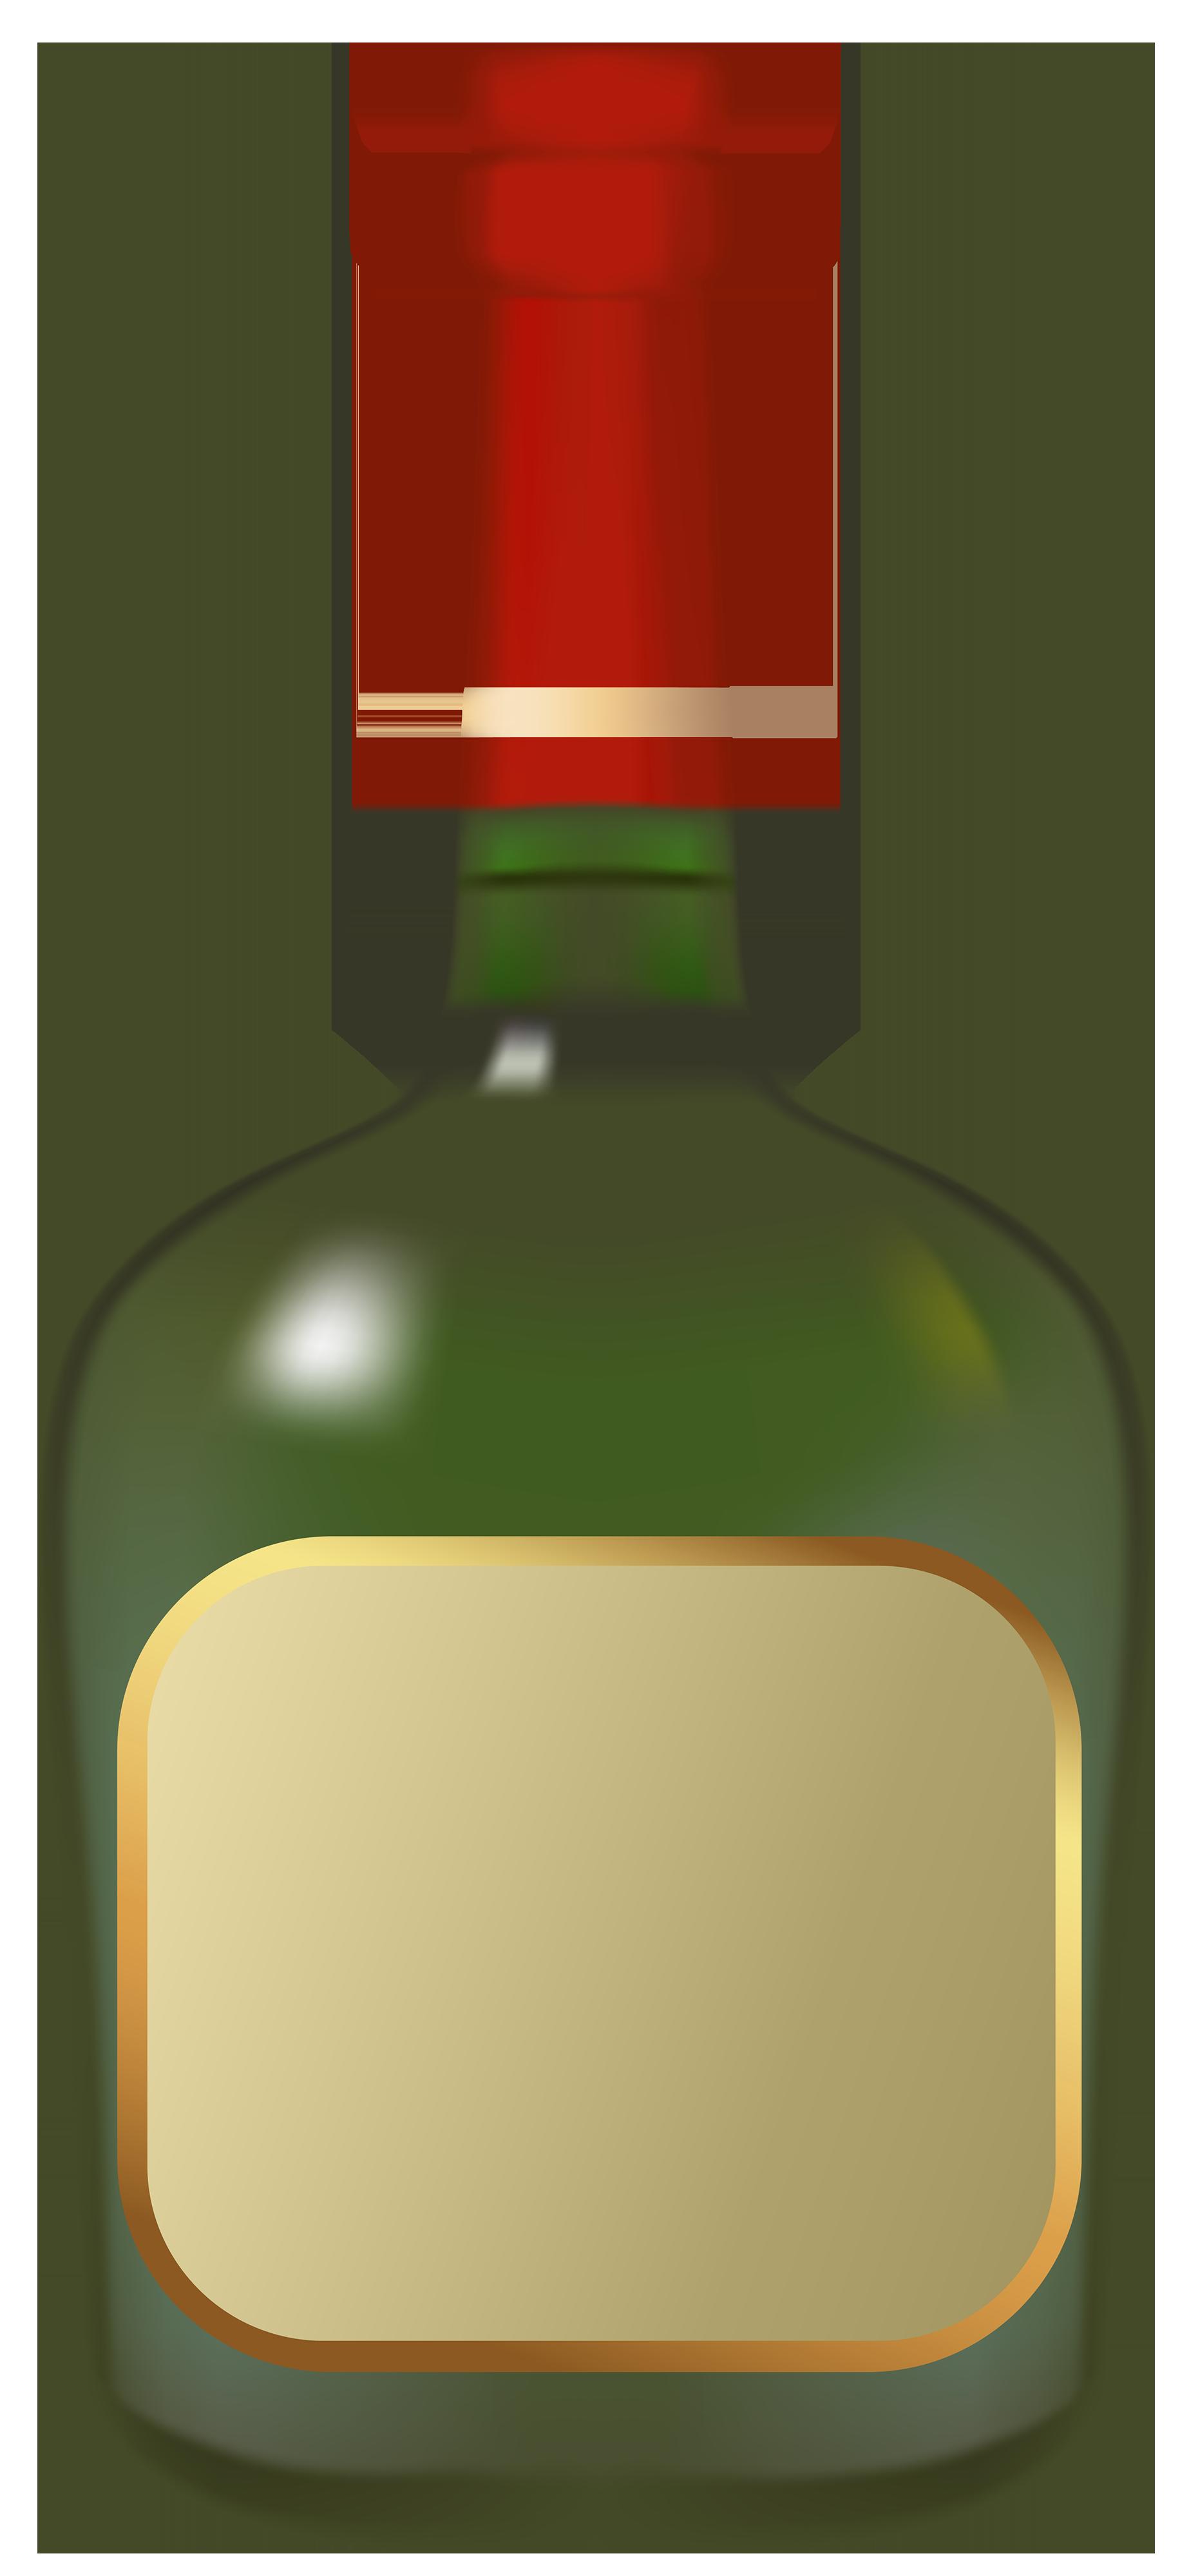 Liquor clipart Bottle Bottle Liquor WEB Clipart